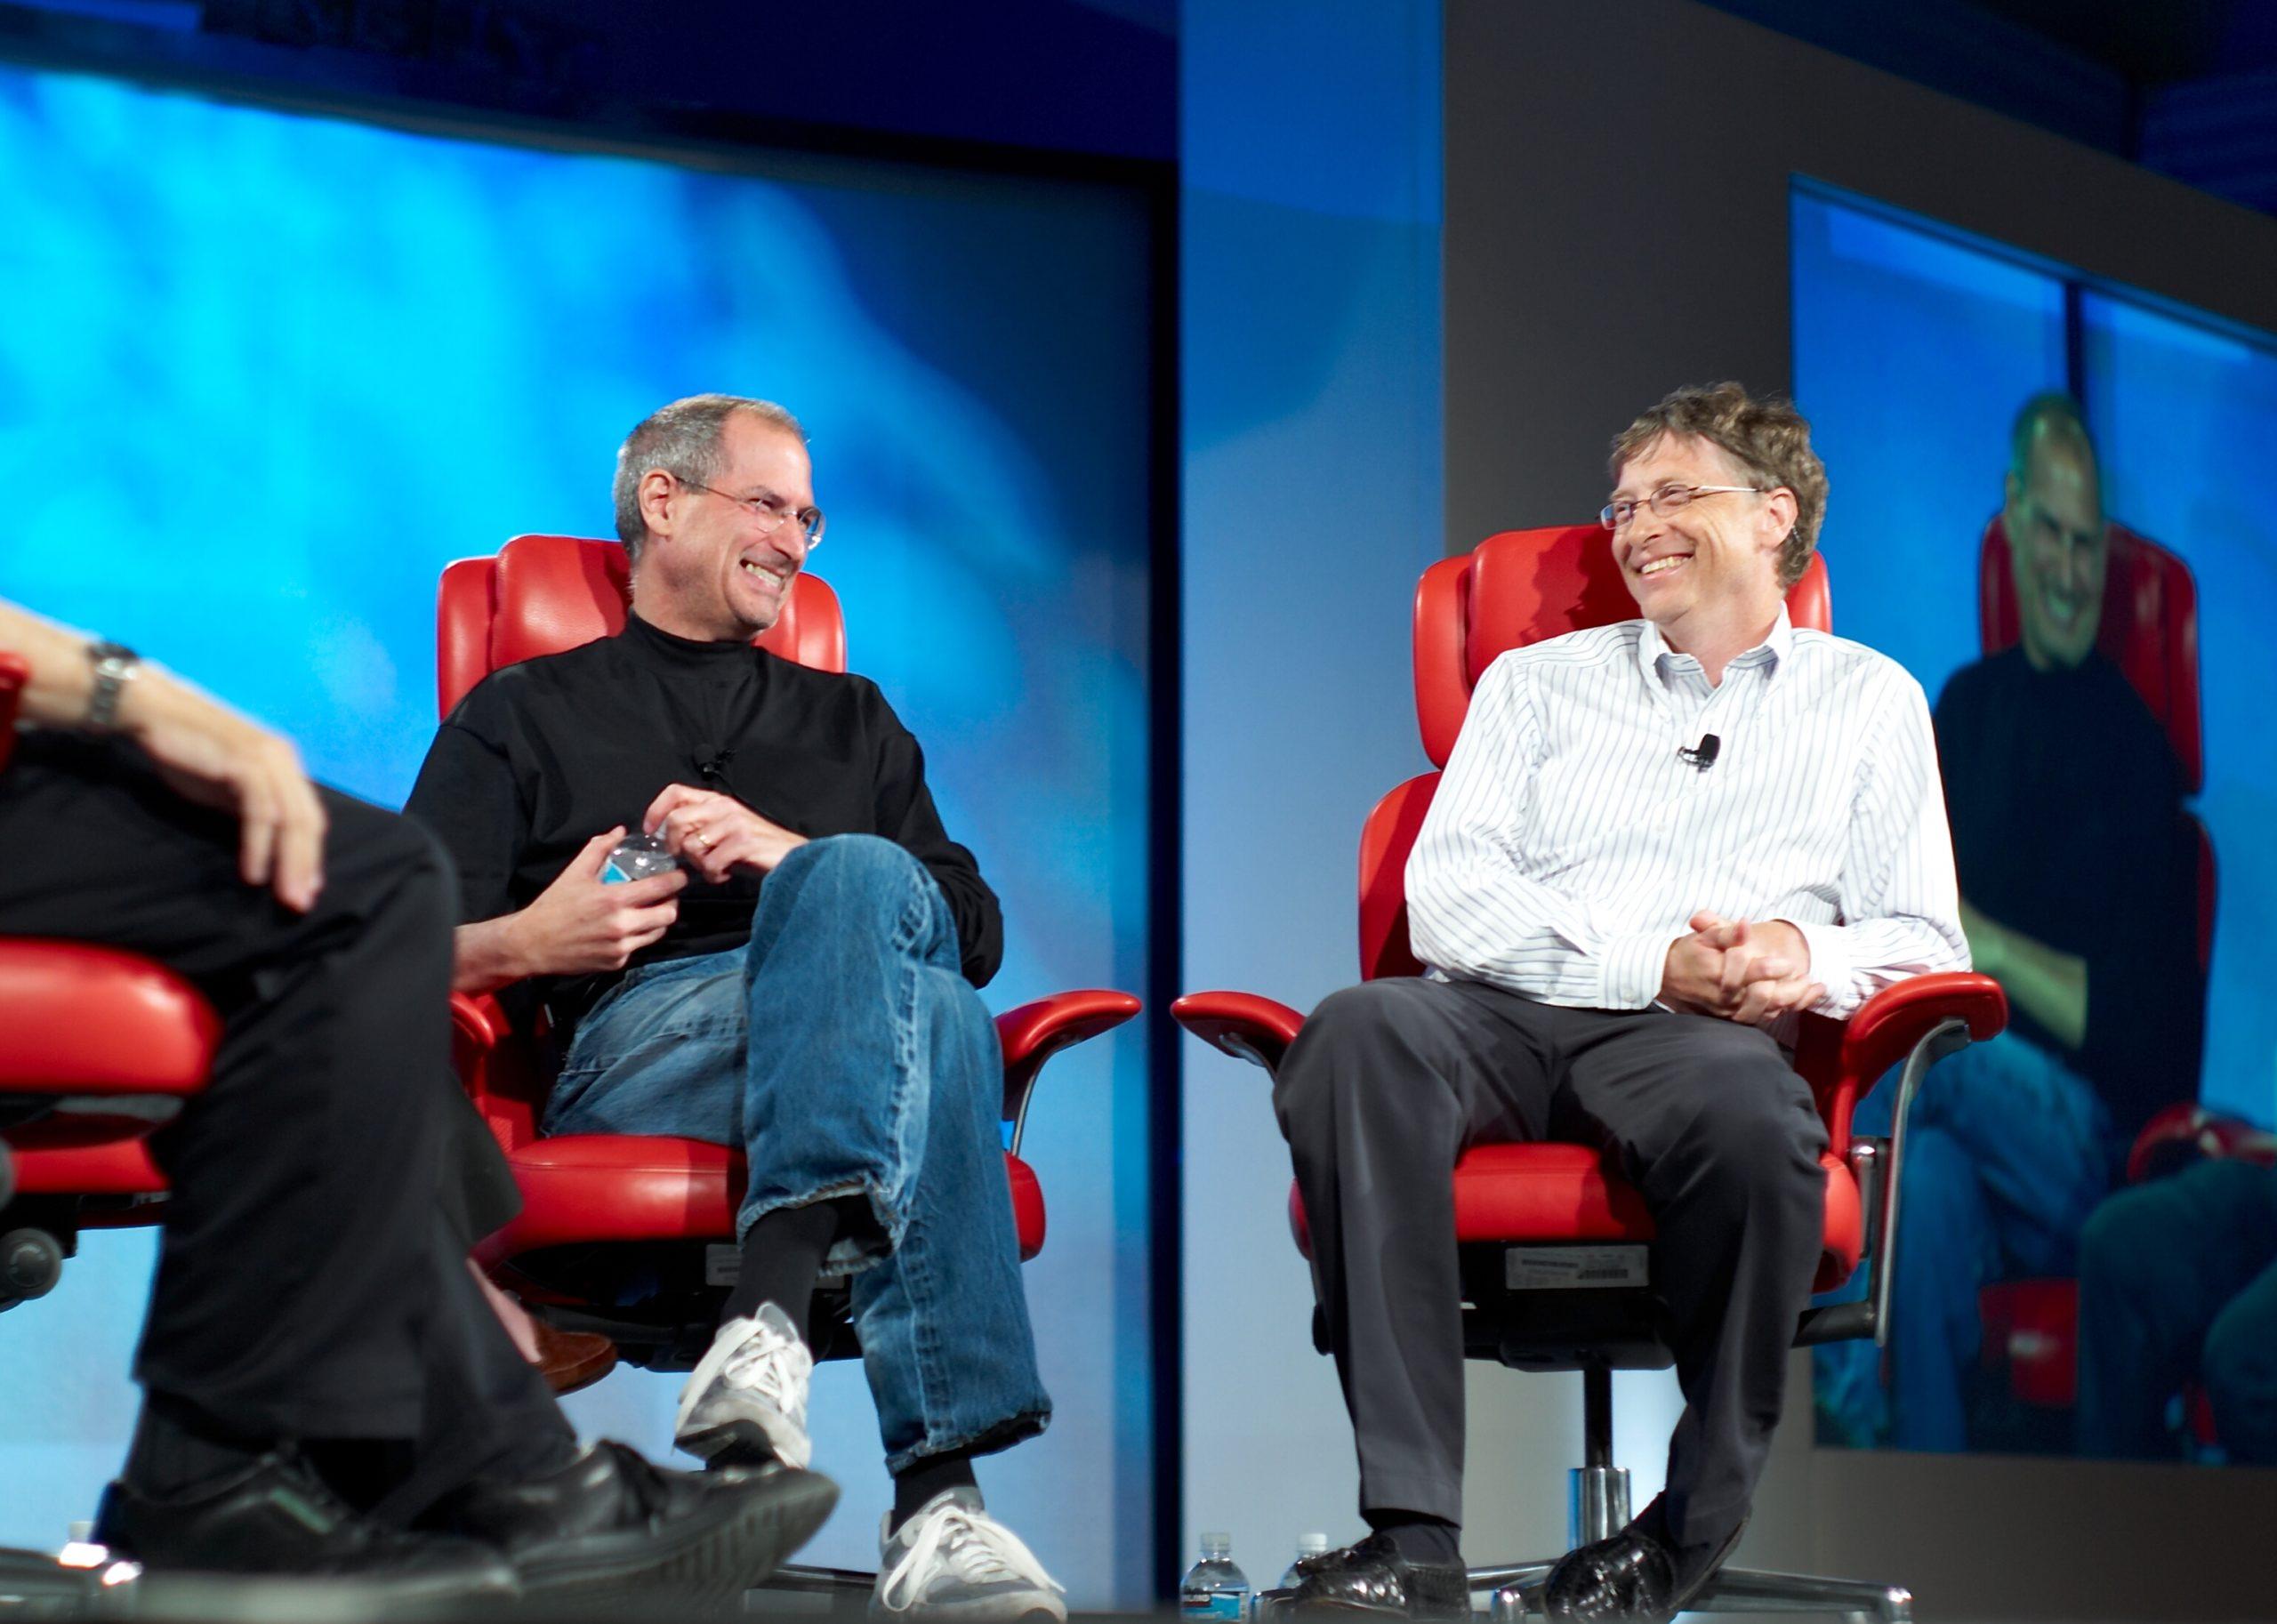 Il possibile Anticristo, seduto a fianco di Steve Jobs